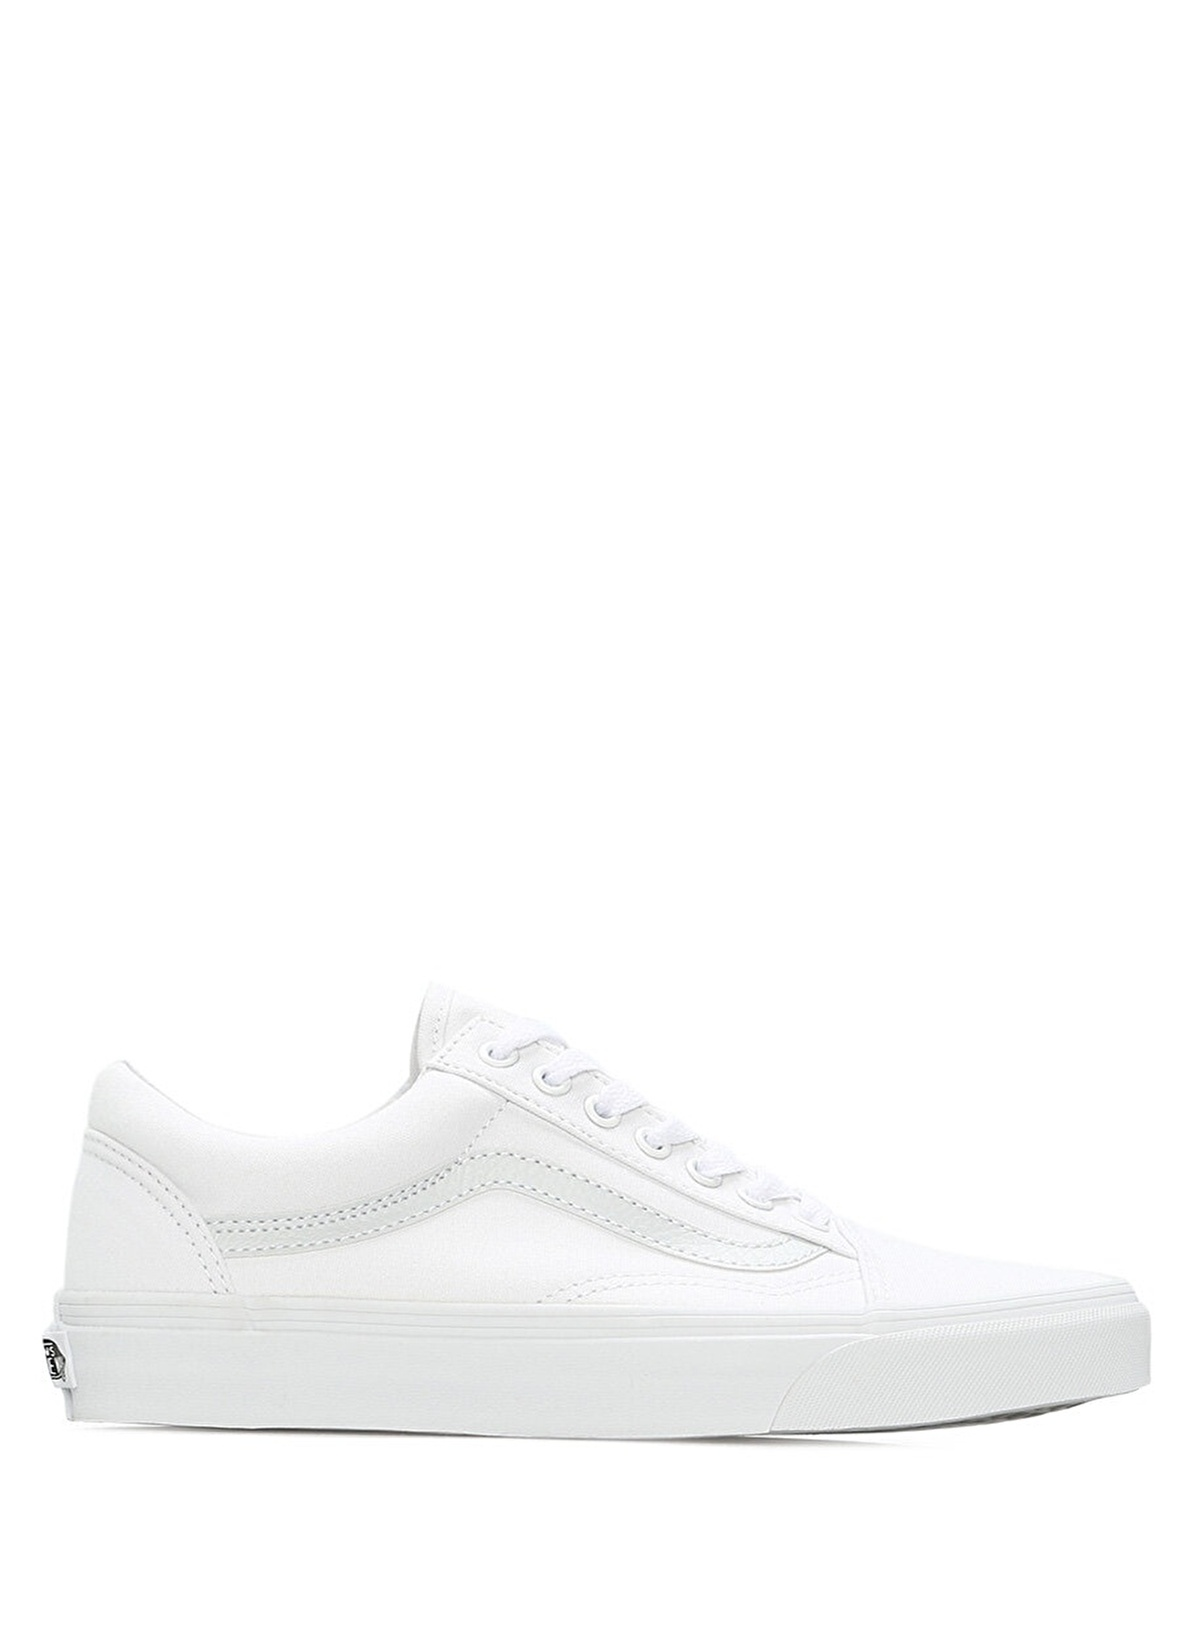 49ce633c11 Vans Lifestyle Ayakkabı Beyaz. Tap to expand